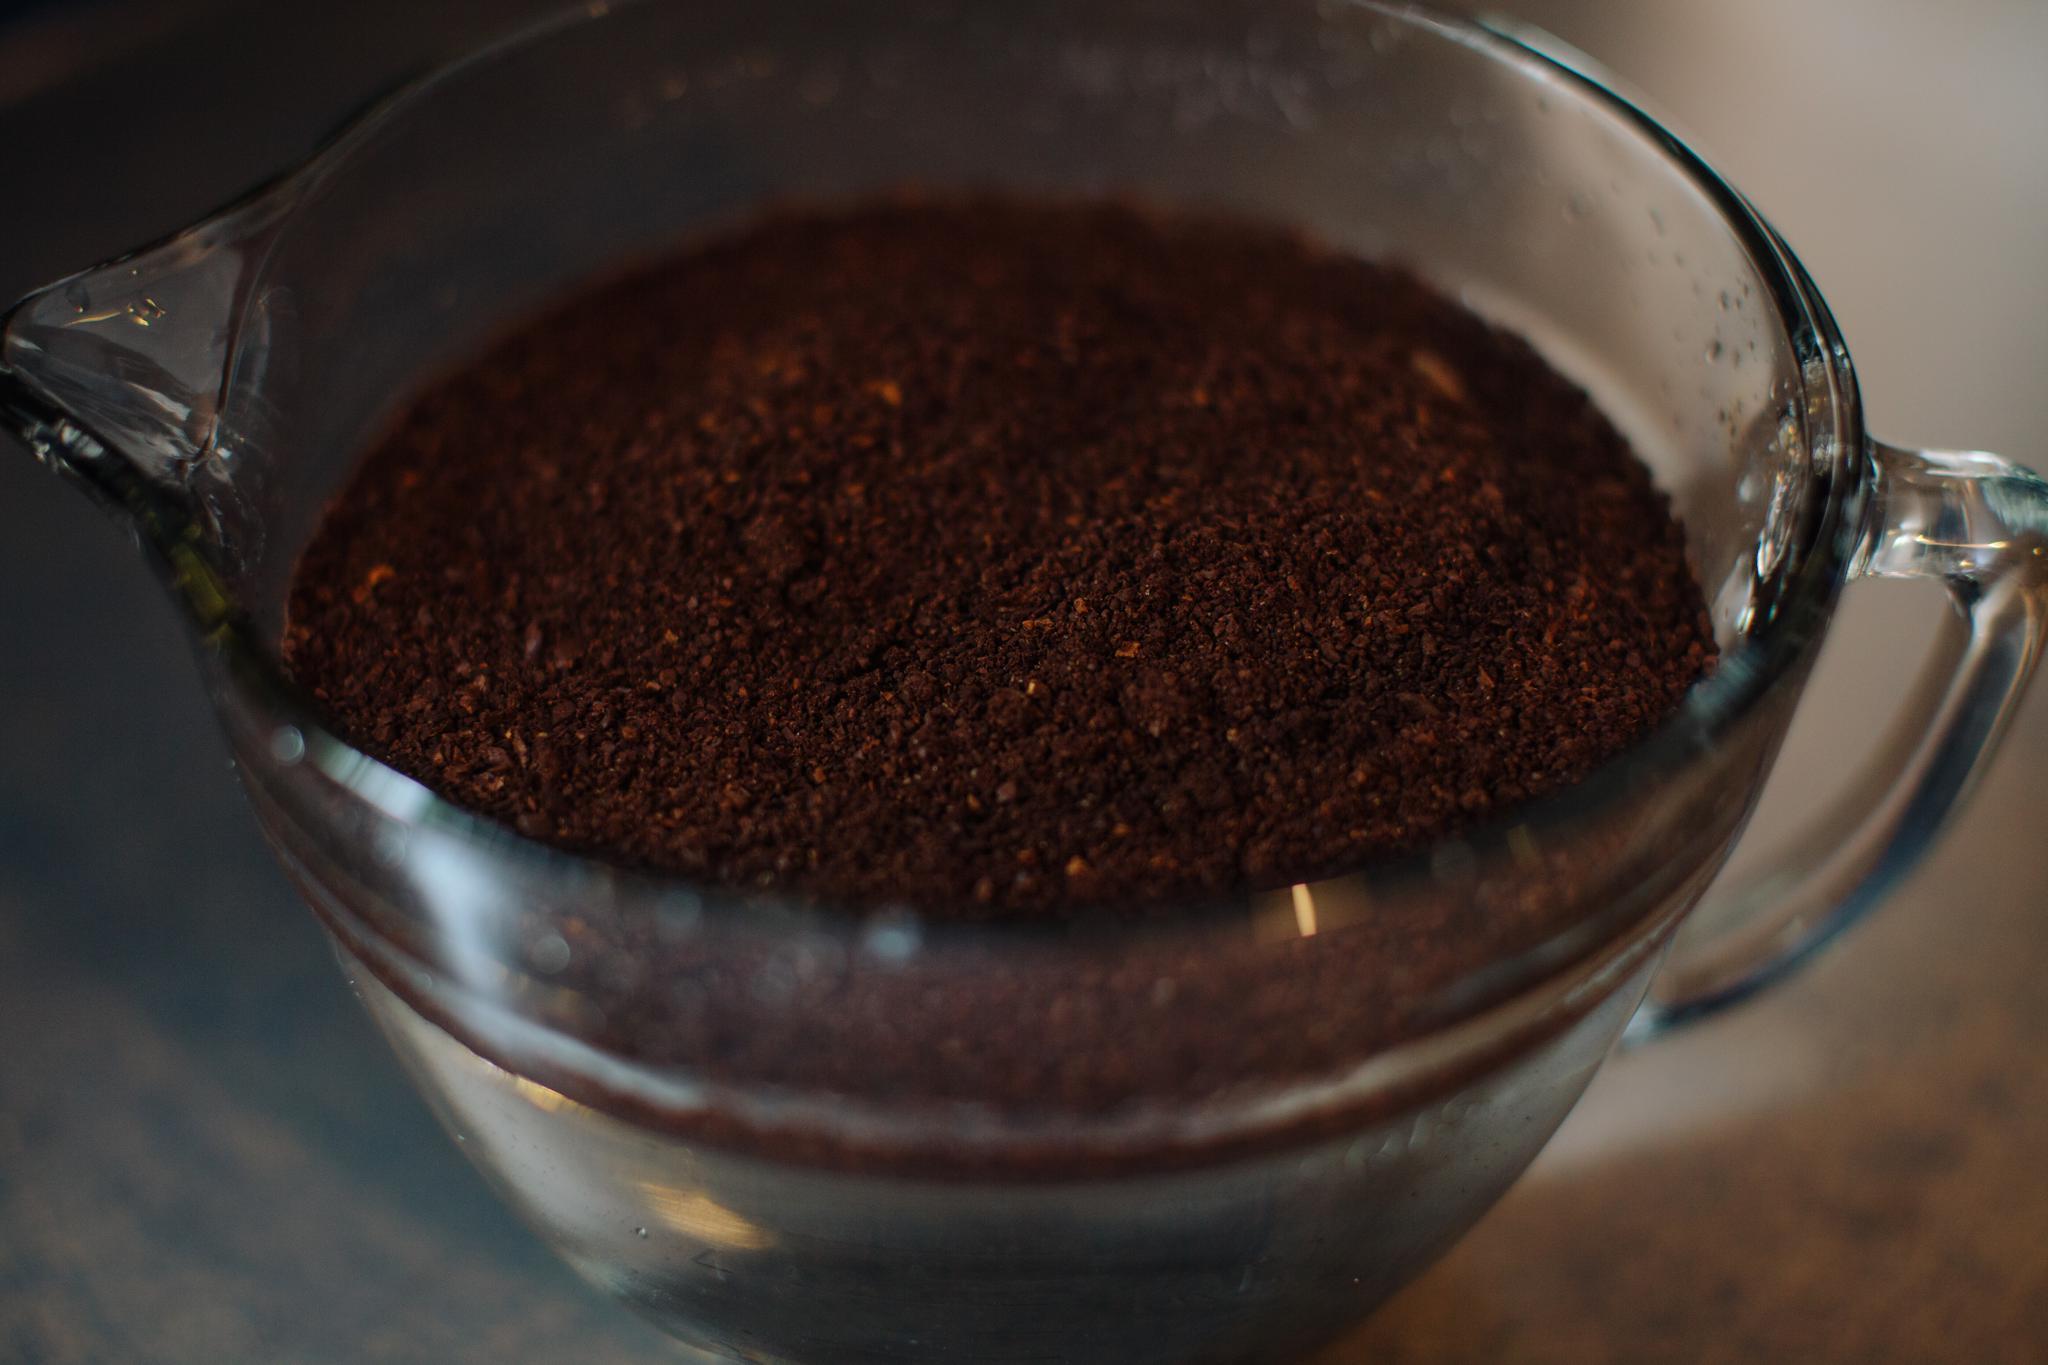 homemade_iced_coffee_5890.jpg